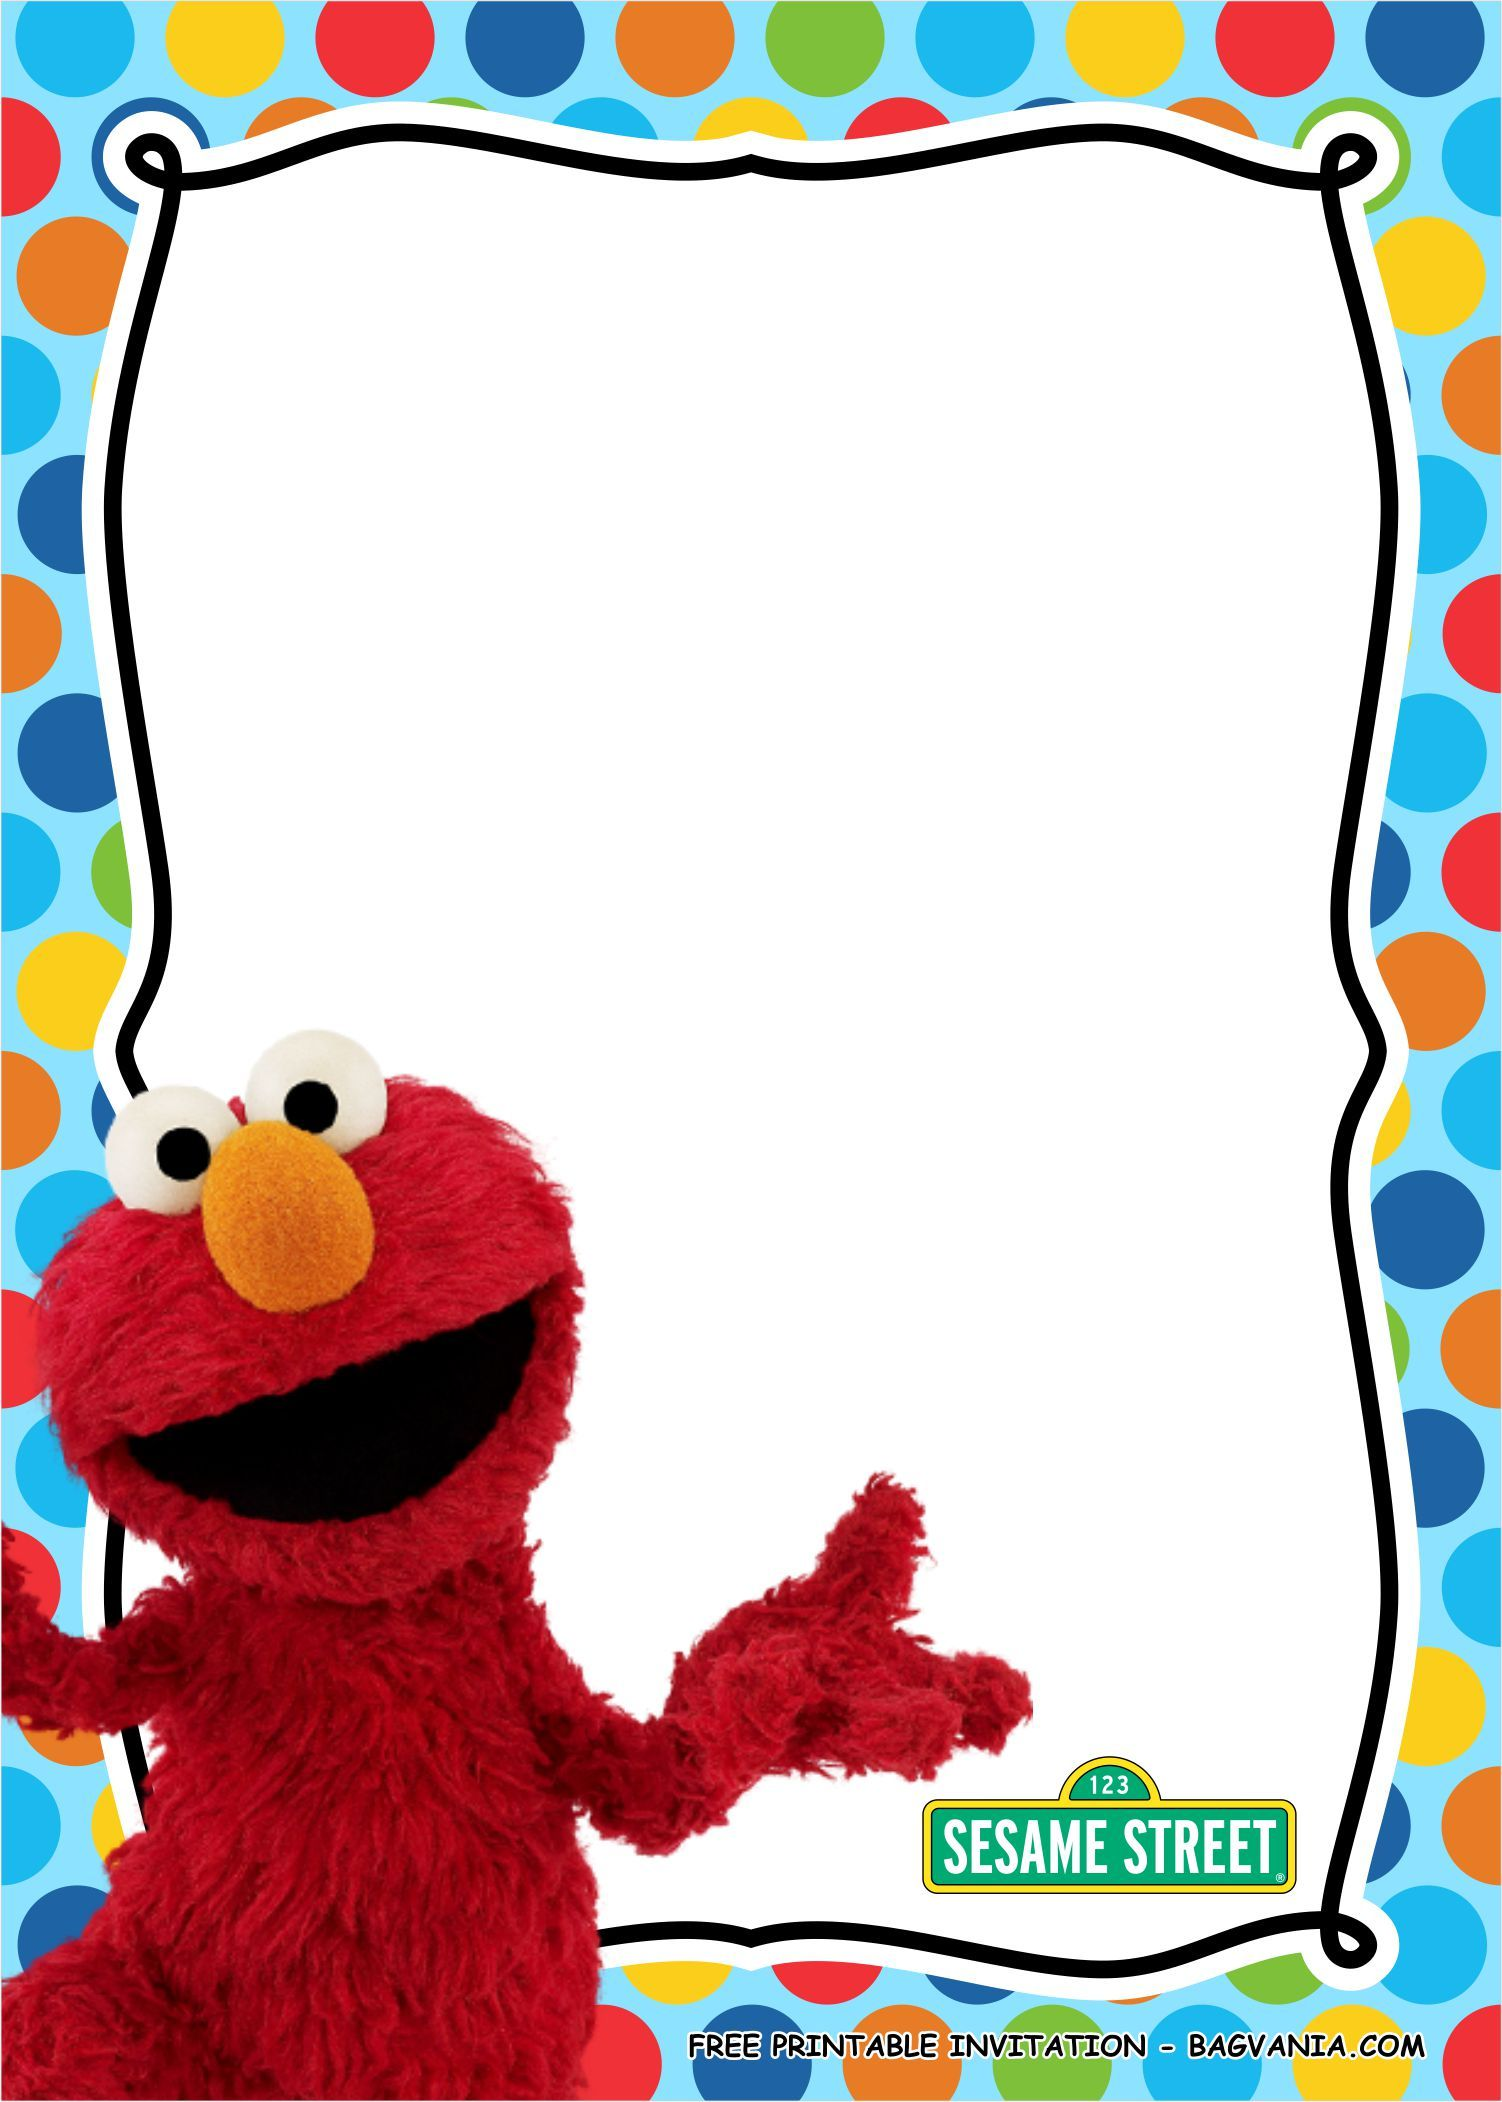 Free Printable Elmo Birthday Party Kits Template Elmo Birthday Invitations Birthday Invitation Templates Elmo Birthday Party